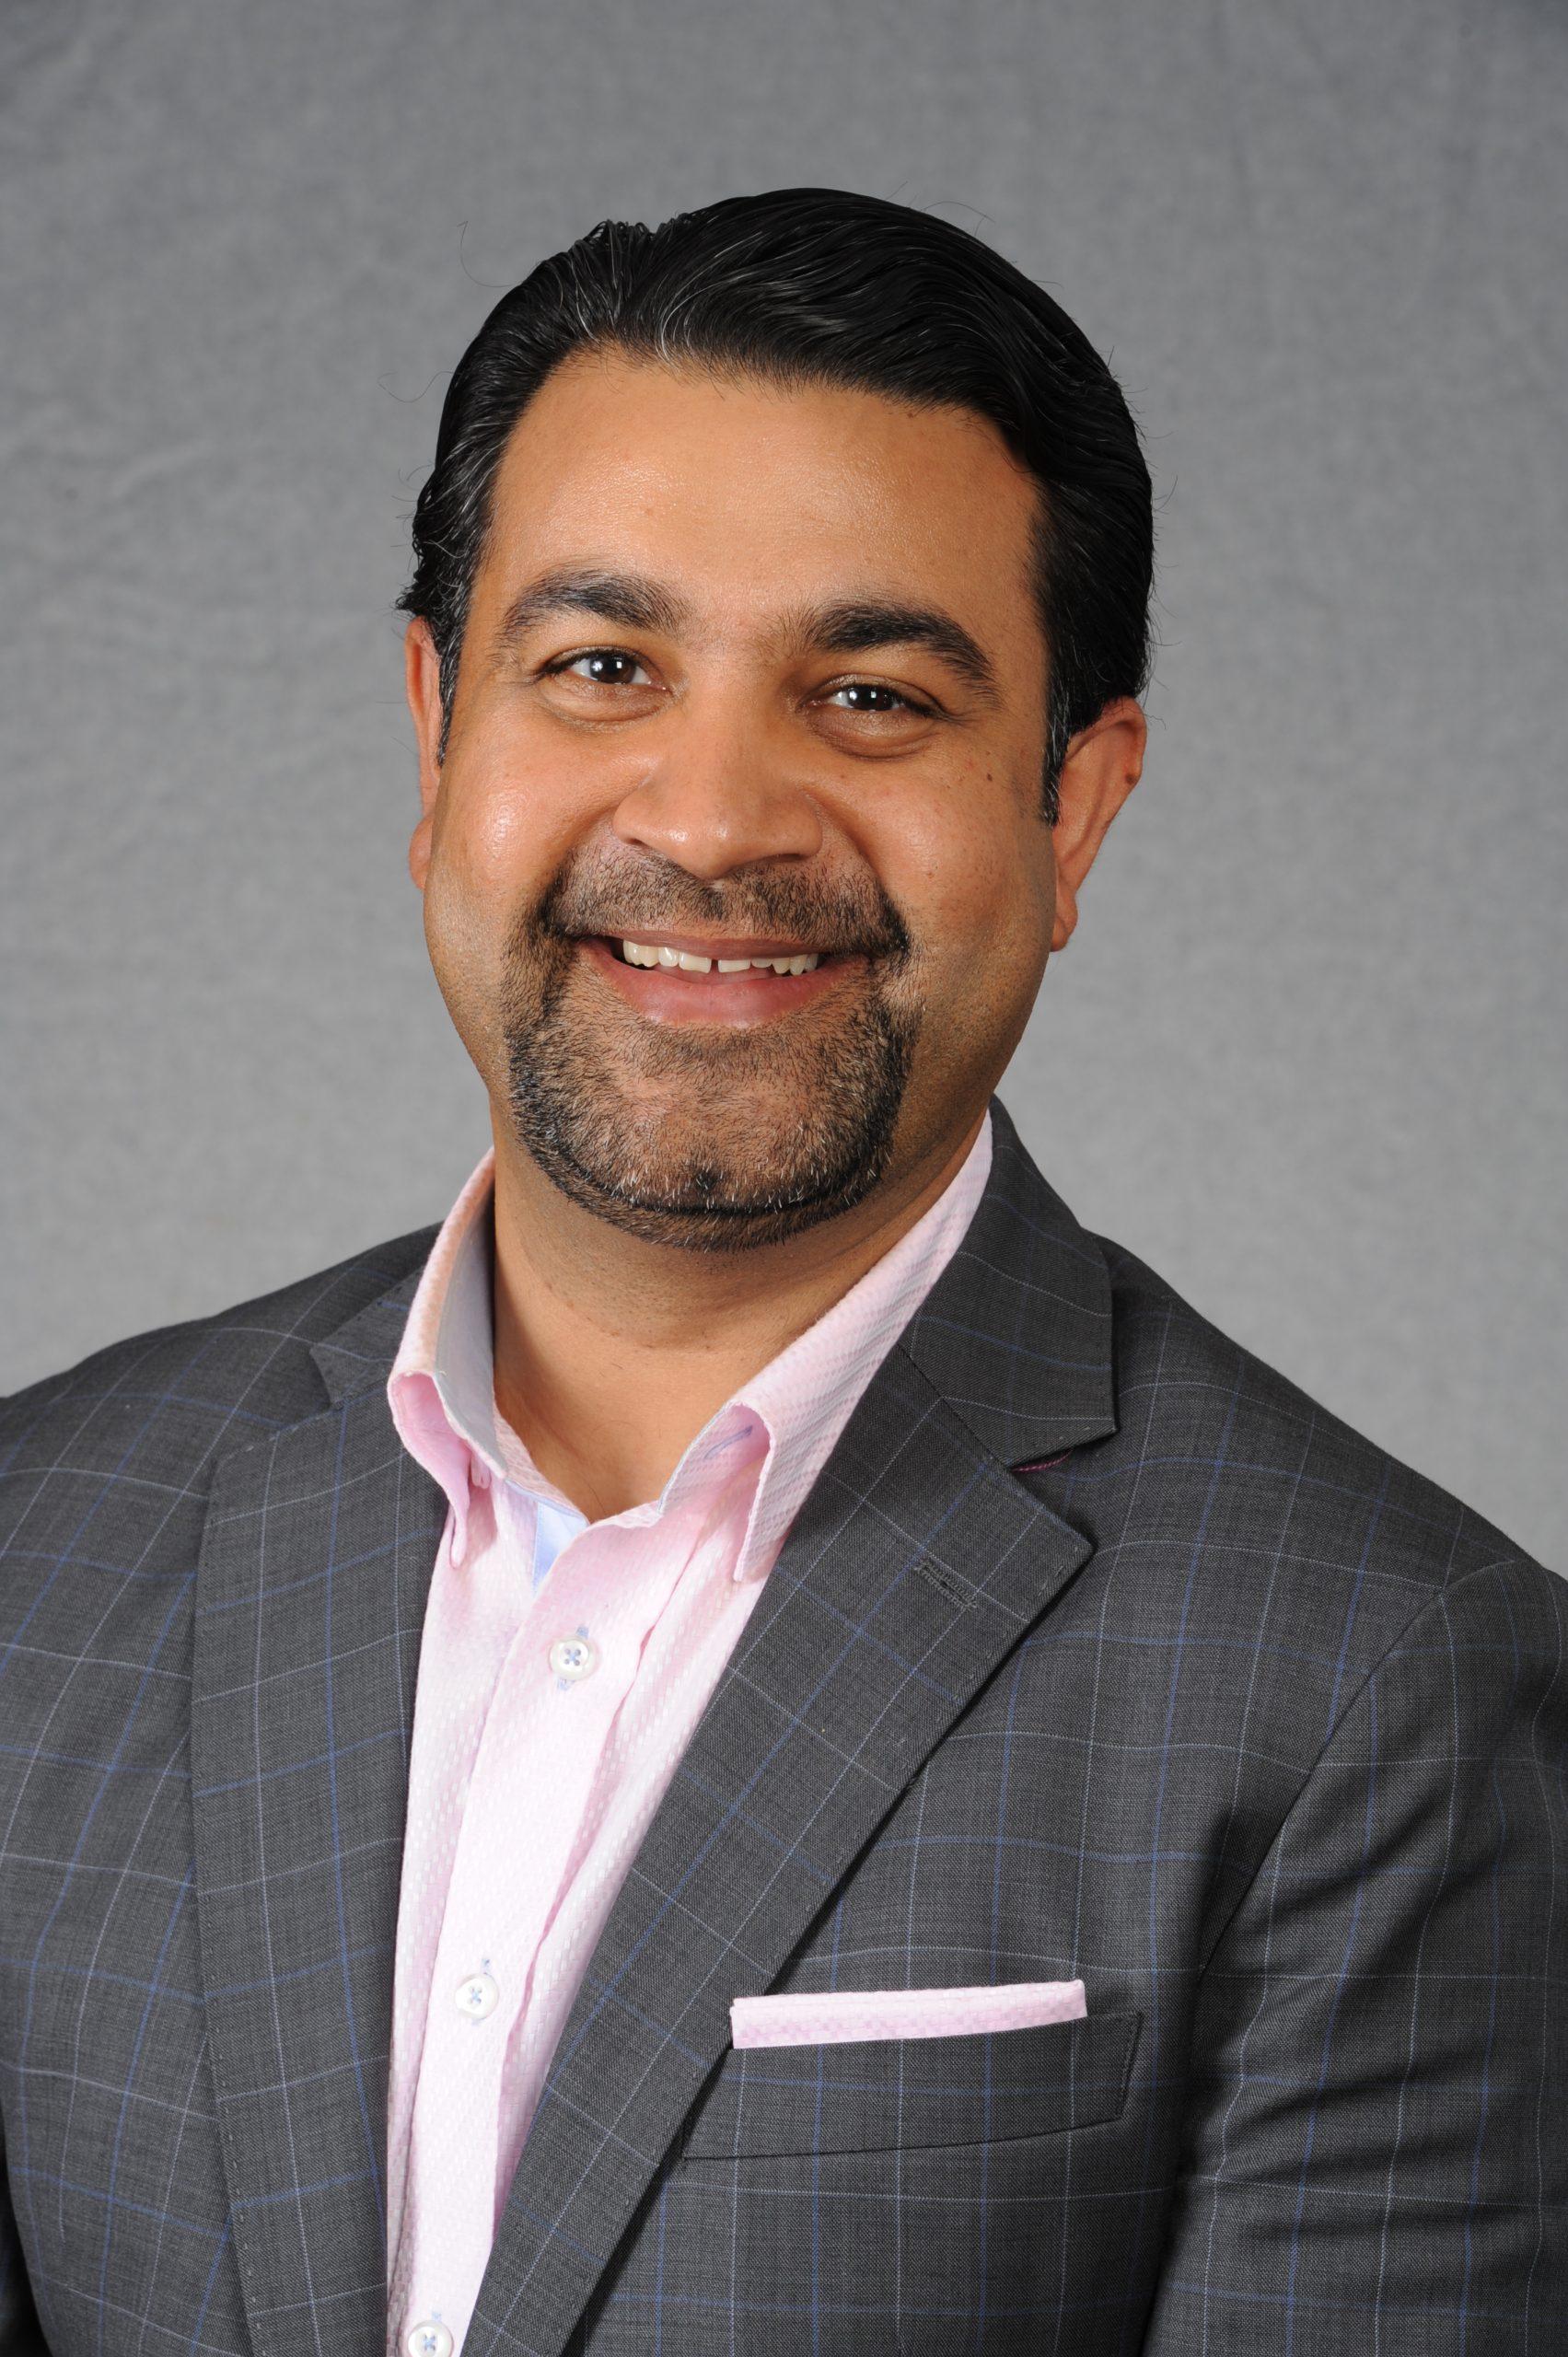 Varun Malhotra